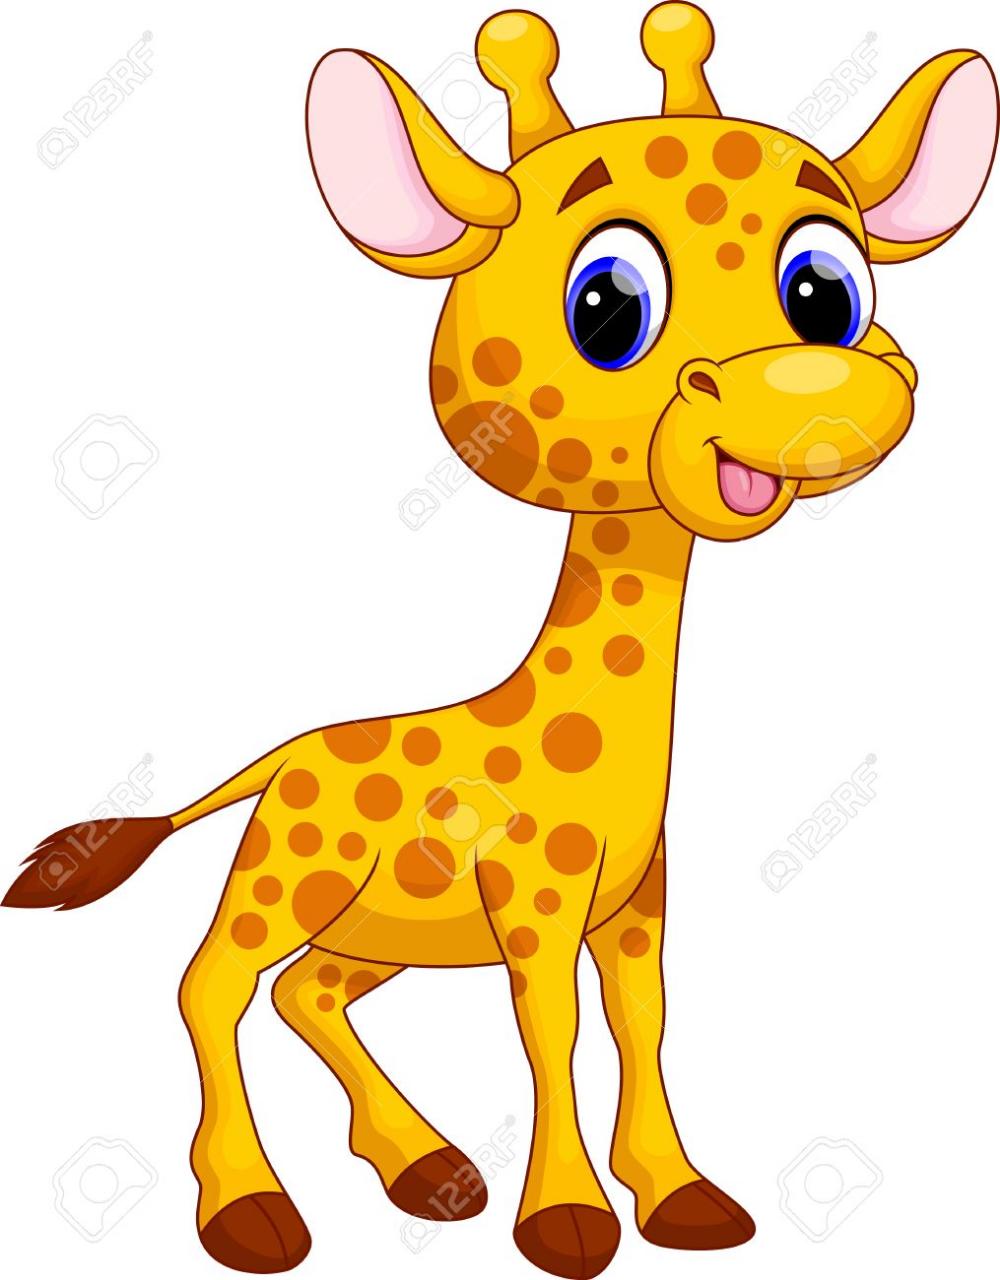 Linda Jirafa De Dibujos Animados Jirafa Animada Imagenes Infantiles De Animales Dibujos De Animales Tiernos